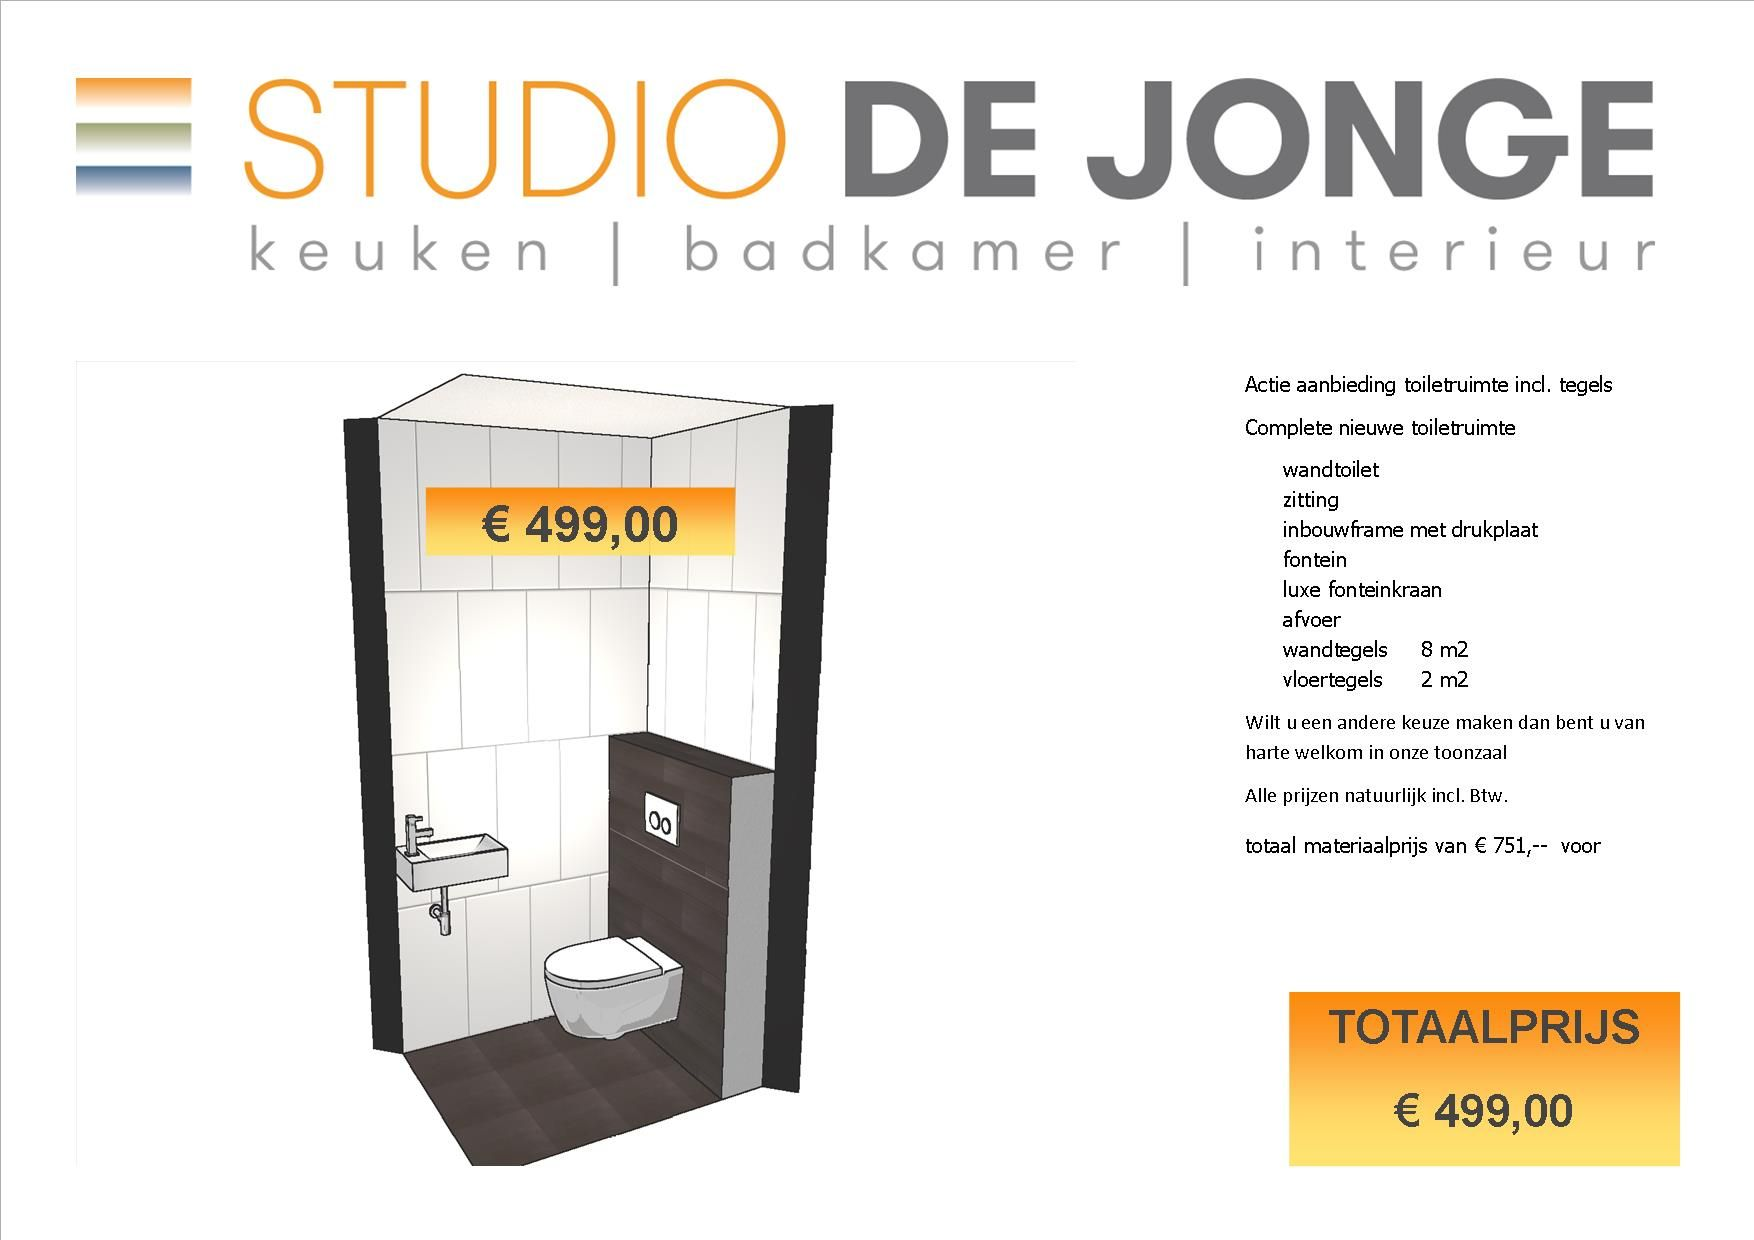 Showroom Verkoop Badkamer Keuken Kasten En Meer